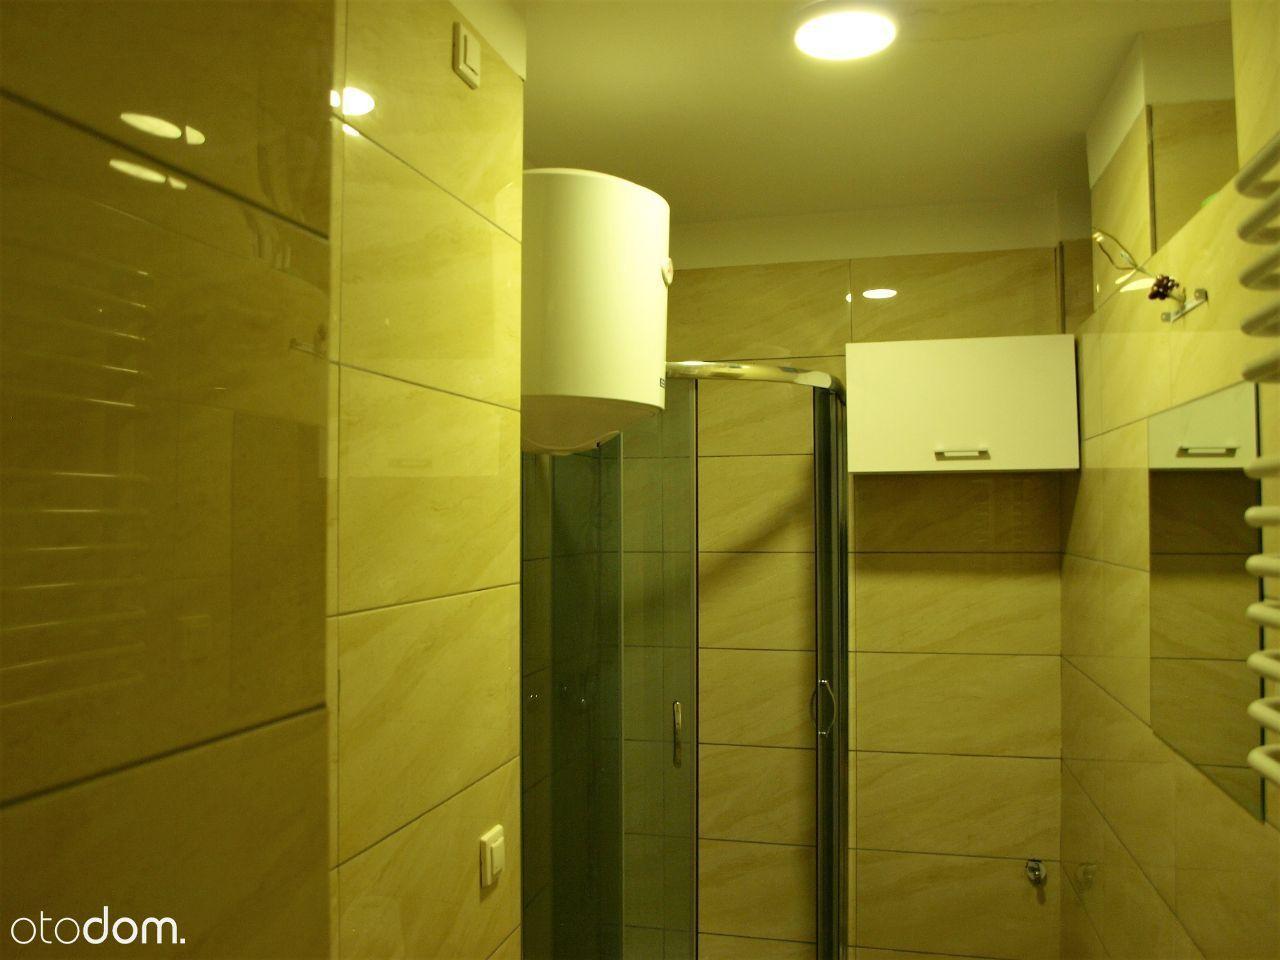 Mieszkanie na sprzedaż, Morąg, ostródzki, warmińsko-mazurskie - Foto 1